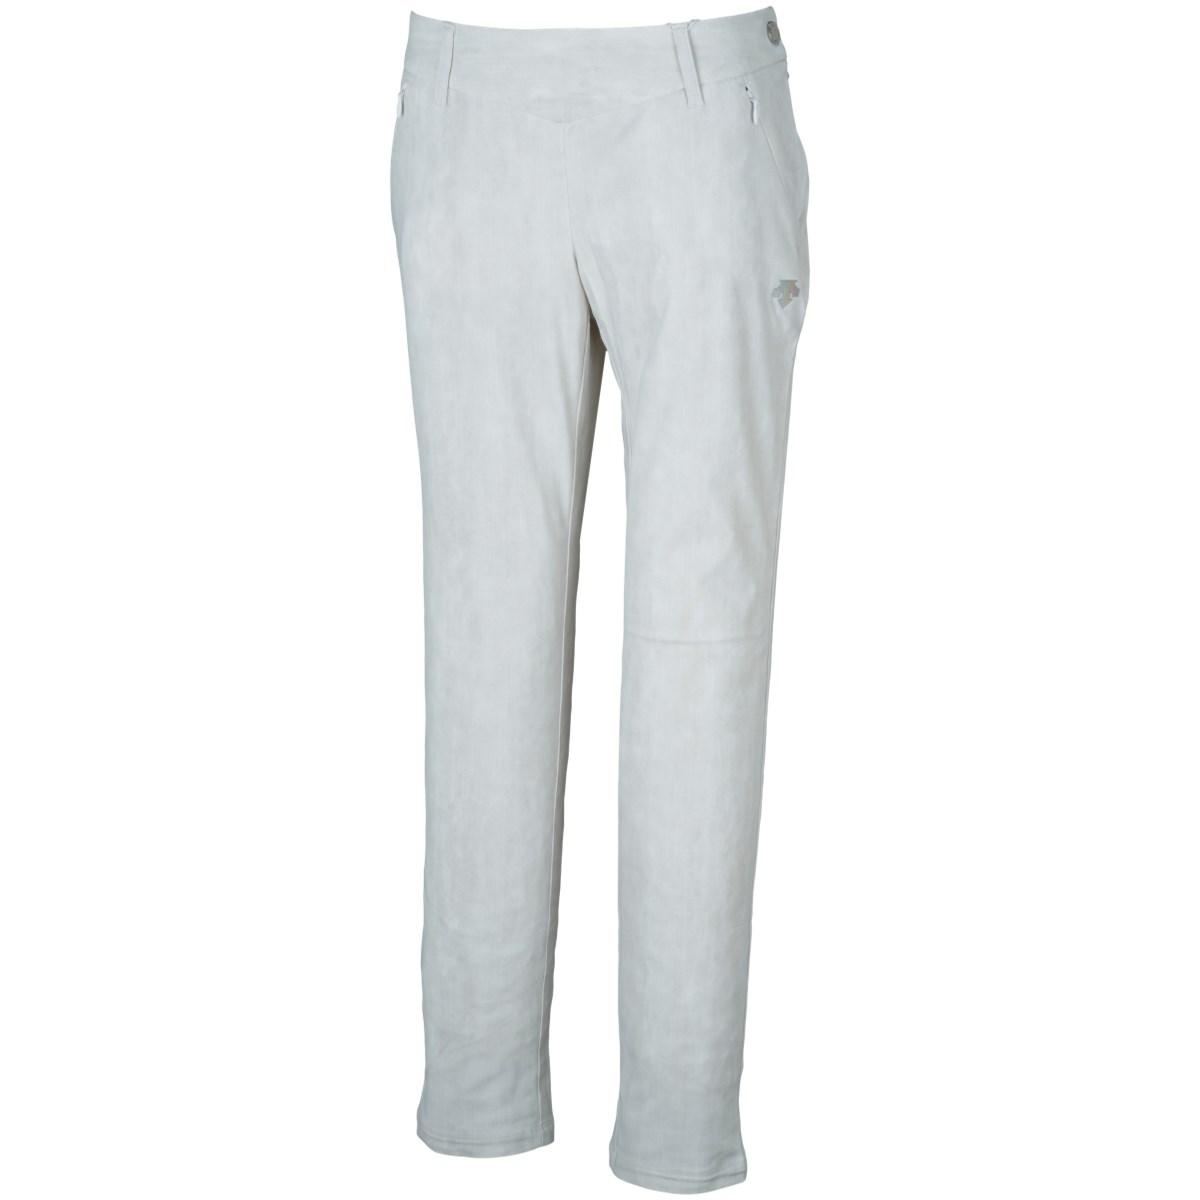 デサントゴルフ DESCENTE GOLF LUXEコレクション メリルハイテンション パンツ 61 ホワイト 00 レディス